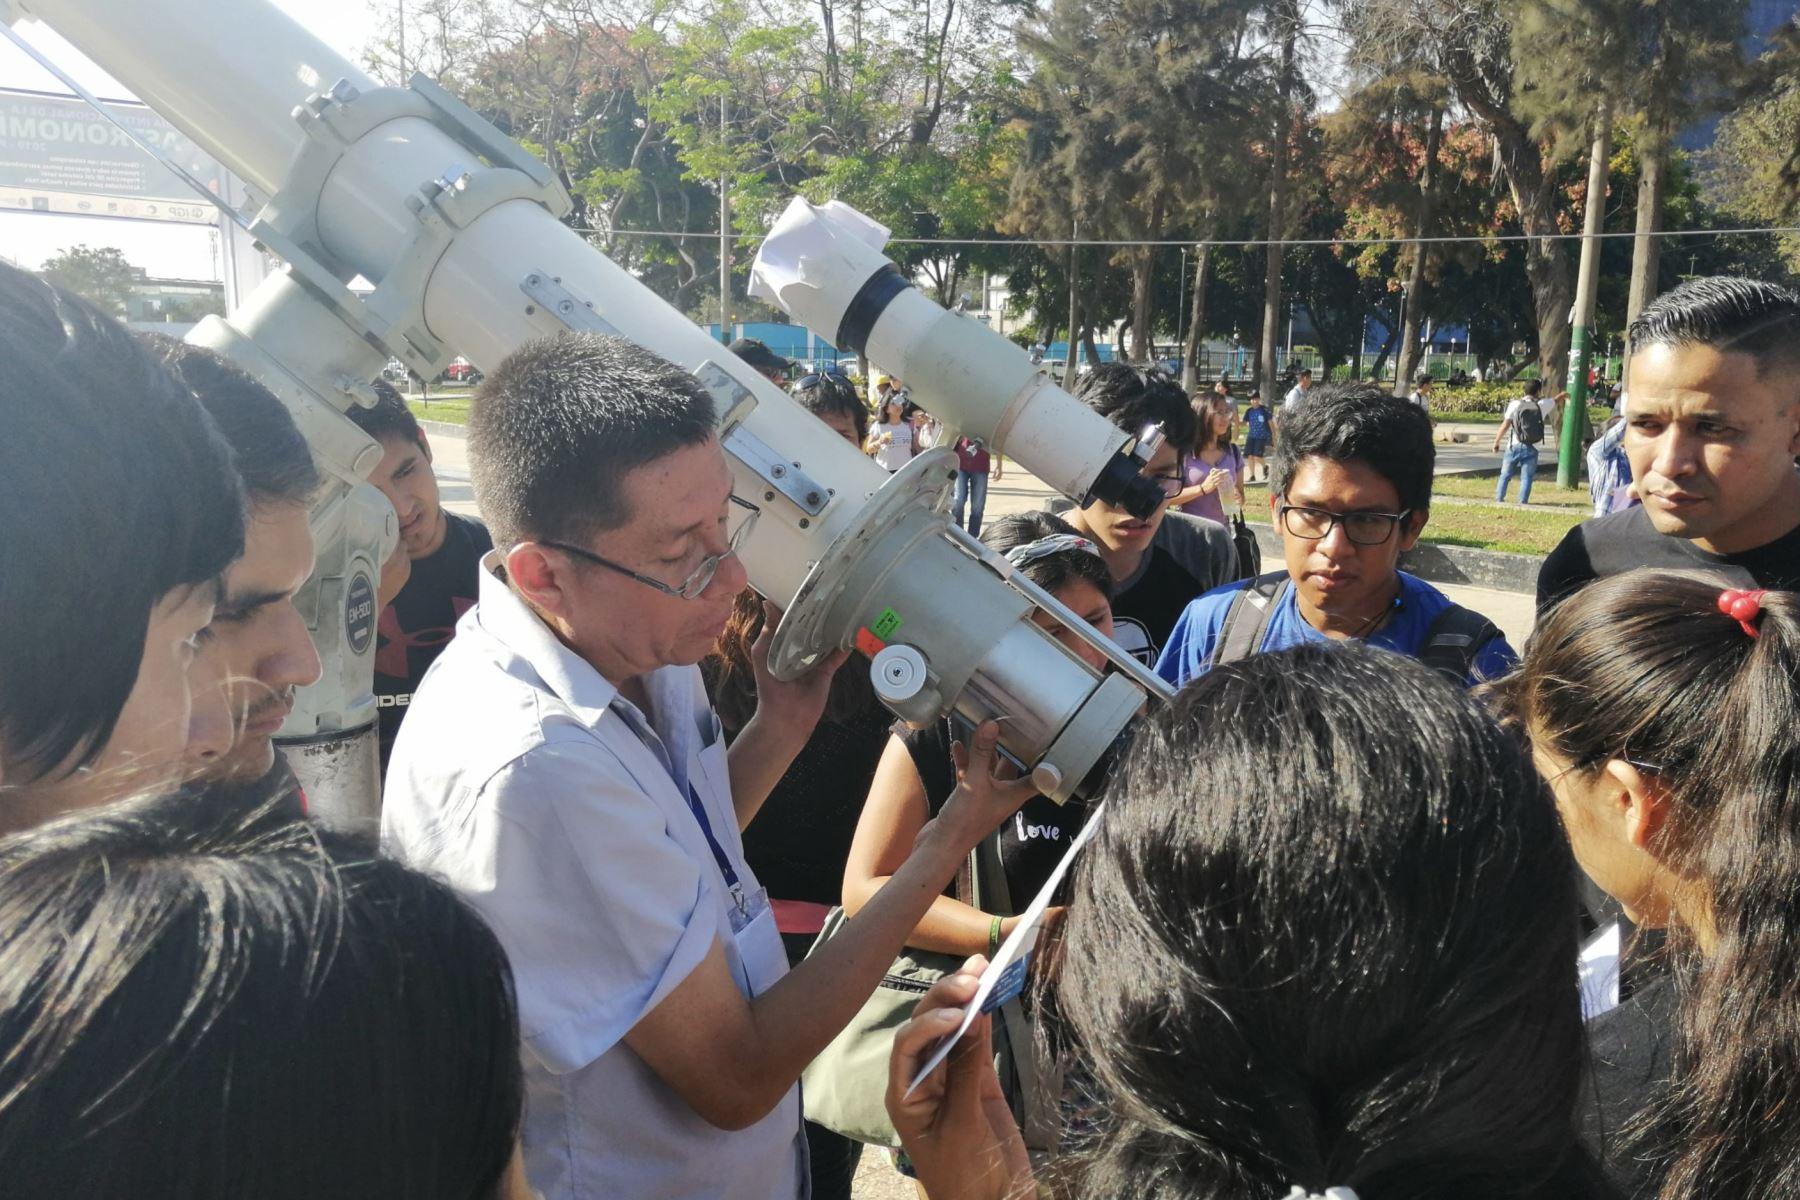 En el marco del Día  Internacional de la Astronomía, el Instituto  Geofísico del Perú organiza diversas actividades académicas que difunden el conocimiento astronómico en el país.Foto: Difusión IGP